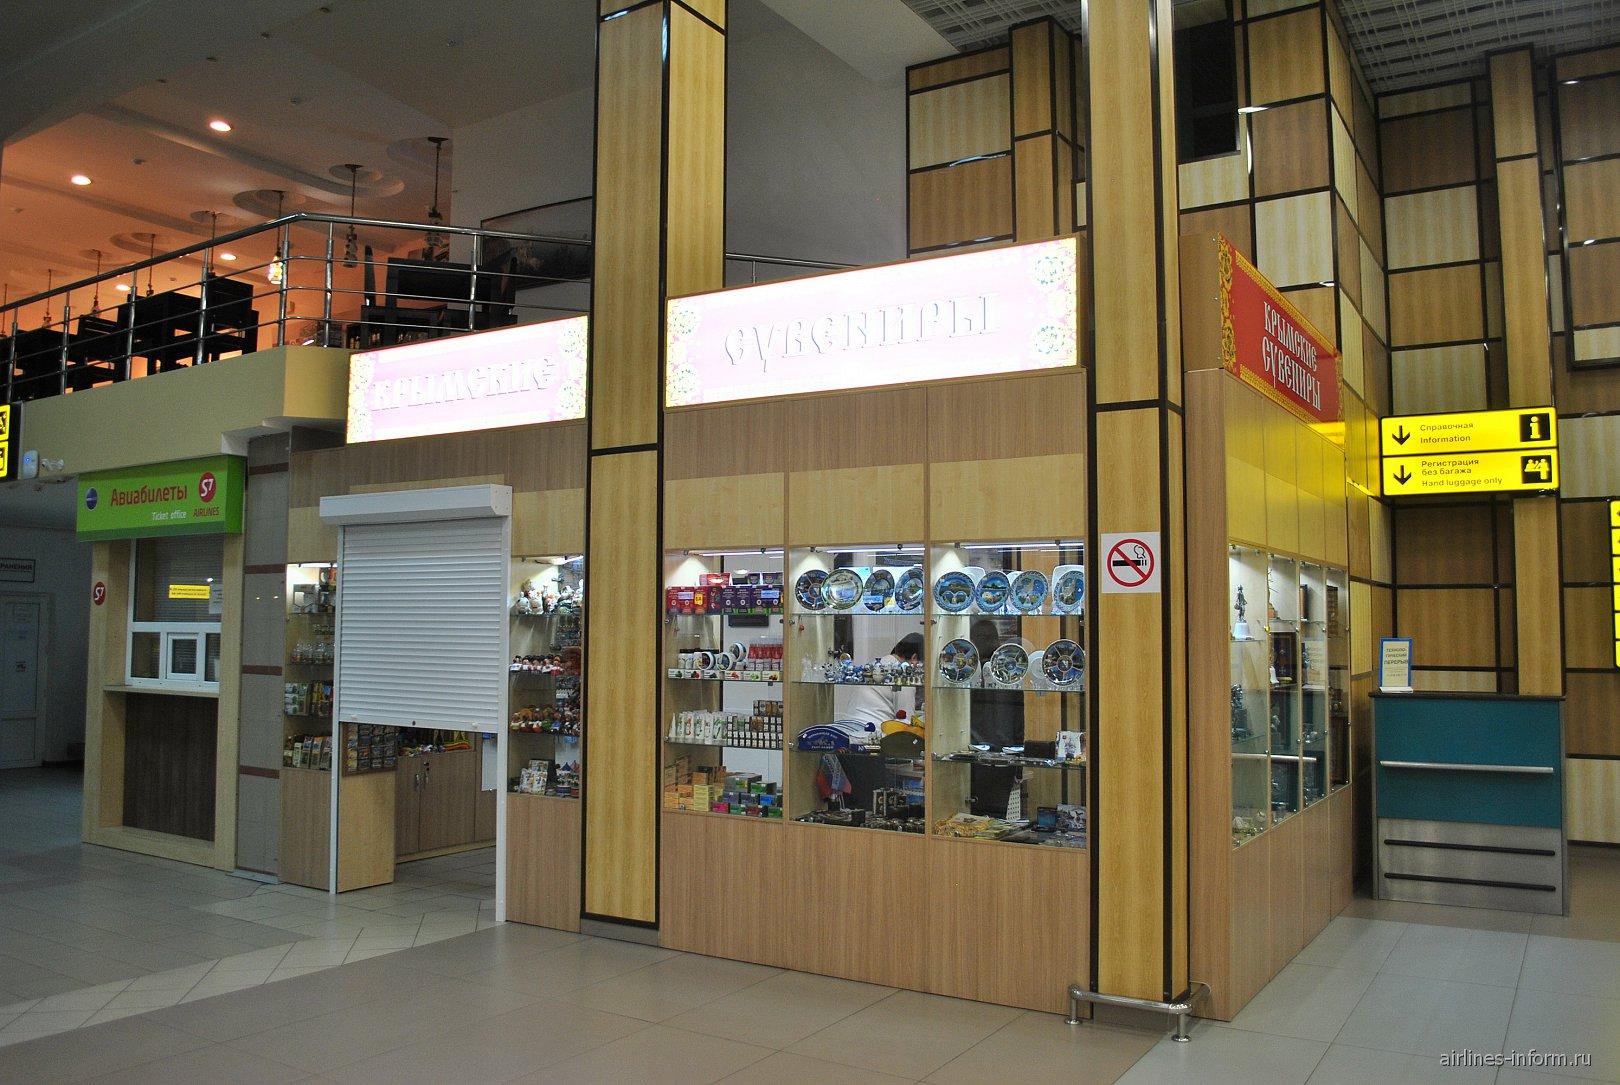 """Магазин """"Крымские сувениры"""" в аэропорту Симферополь"""